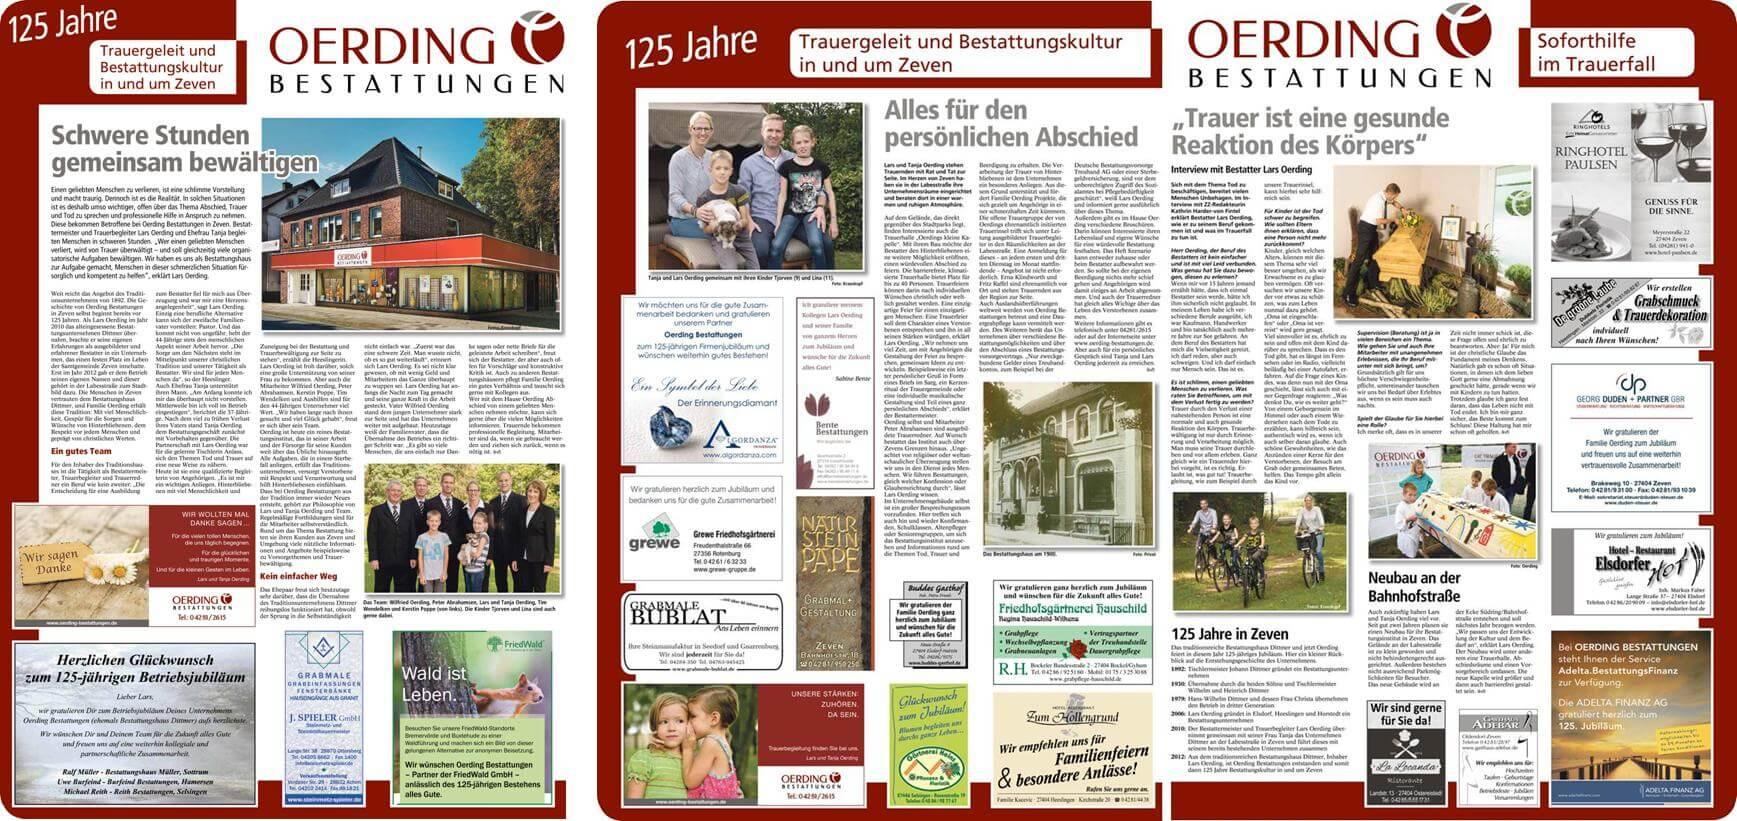 Oerding_Bestattungen_125_Jahre_alle 3 Seiten